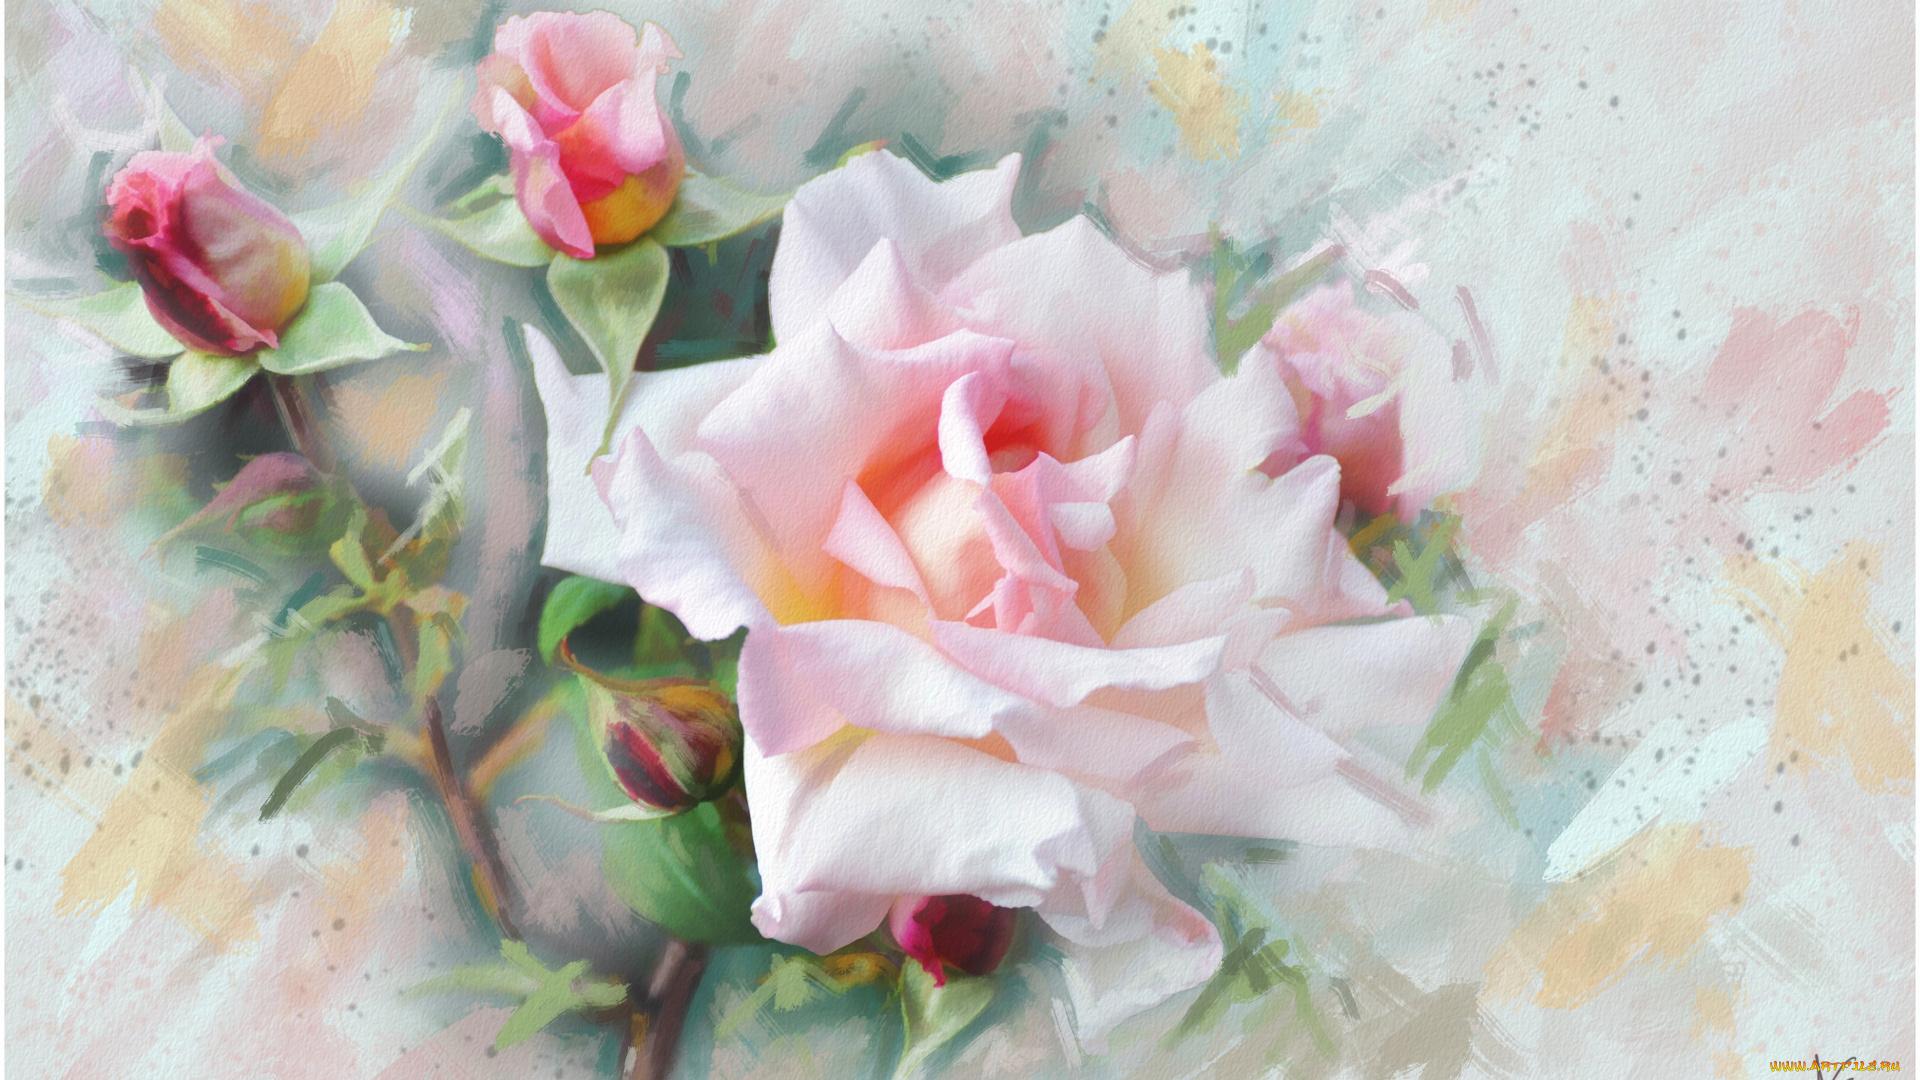 Картинки с цветами красивые нарисованные акварелью, паук открытка картинки